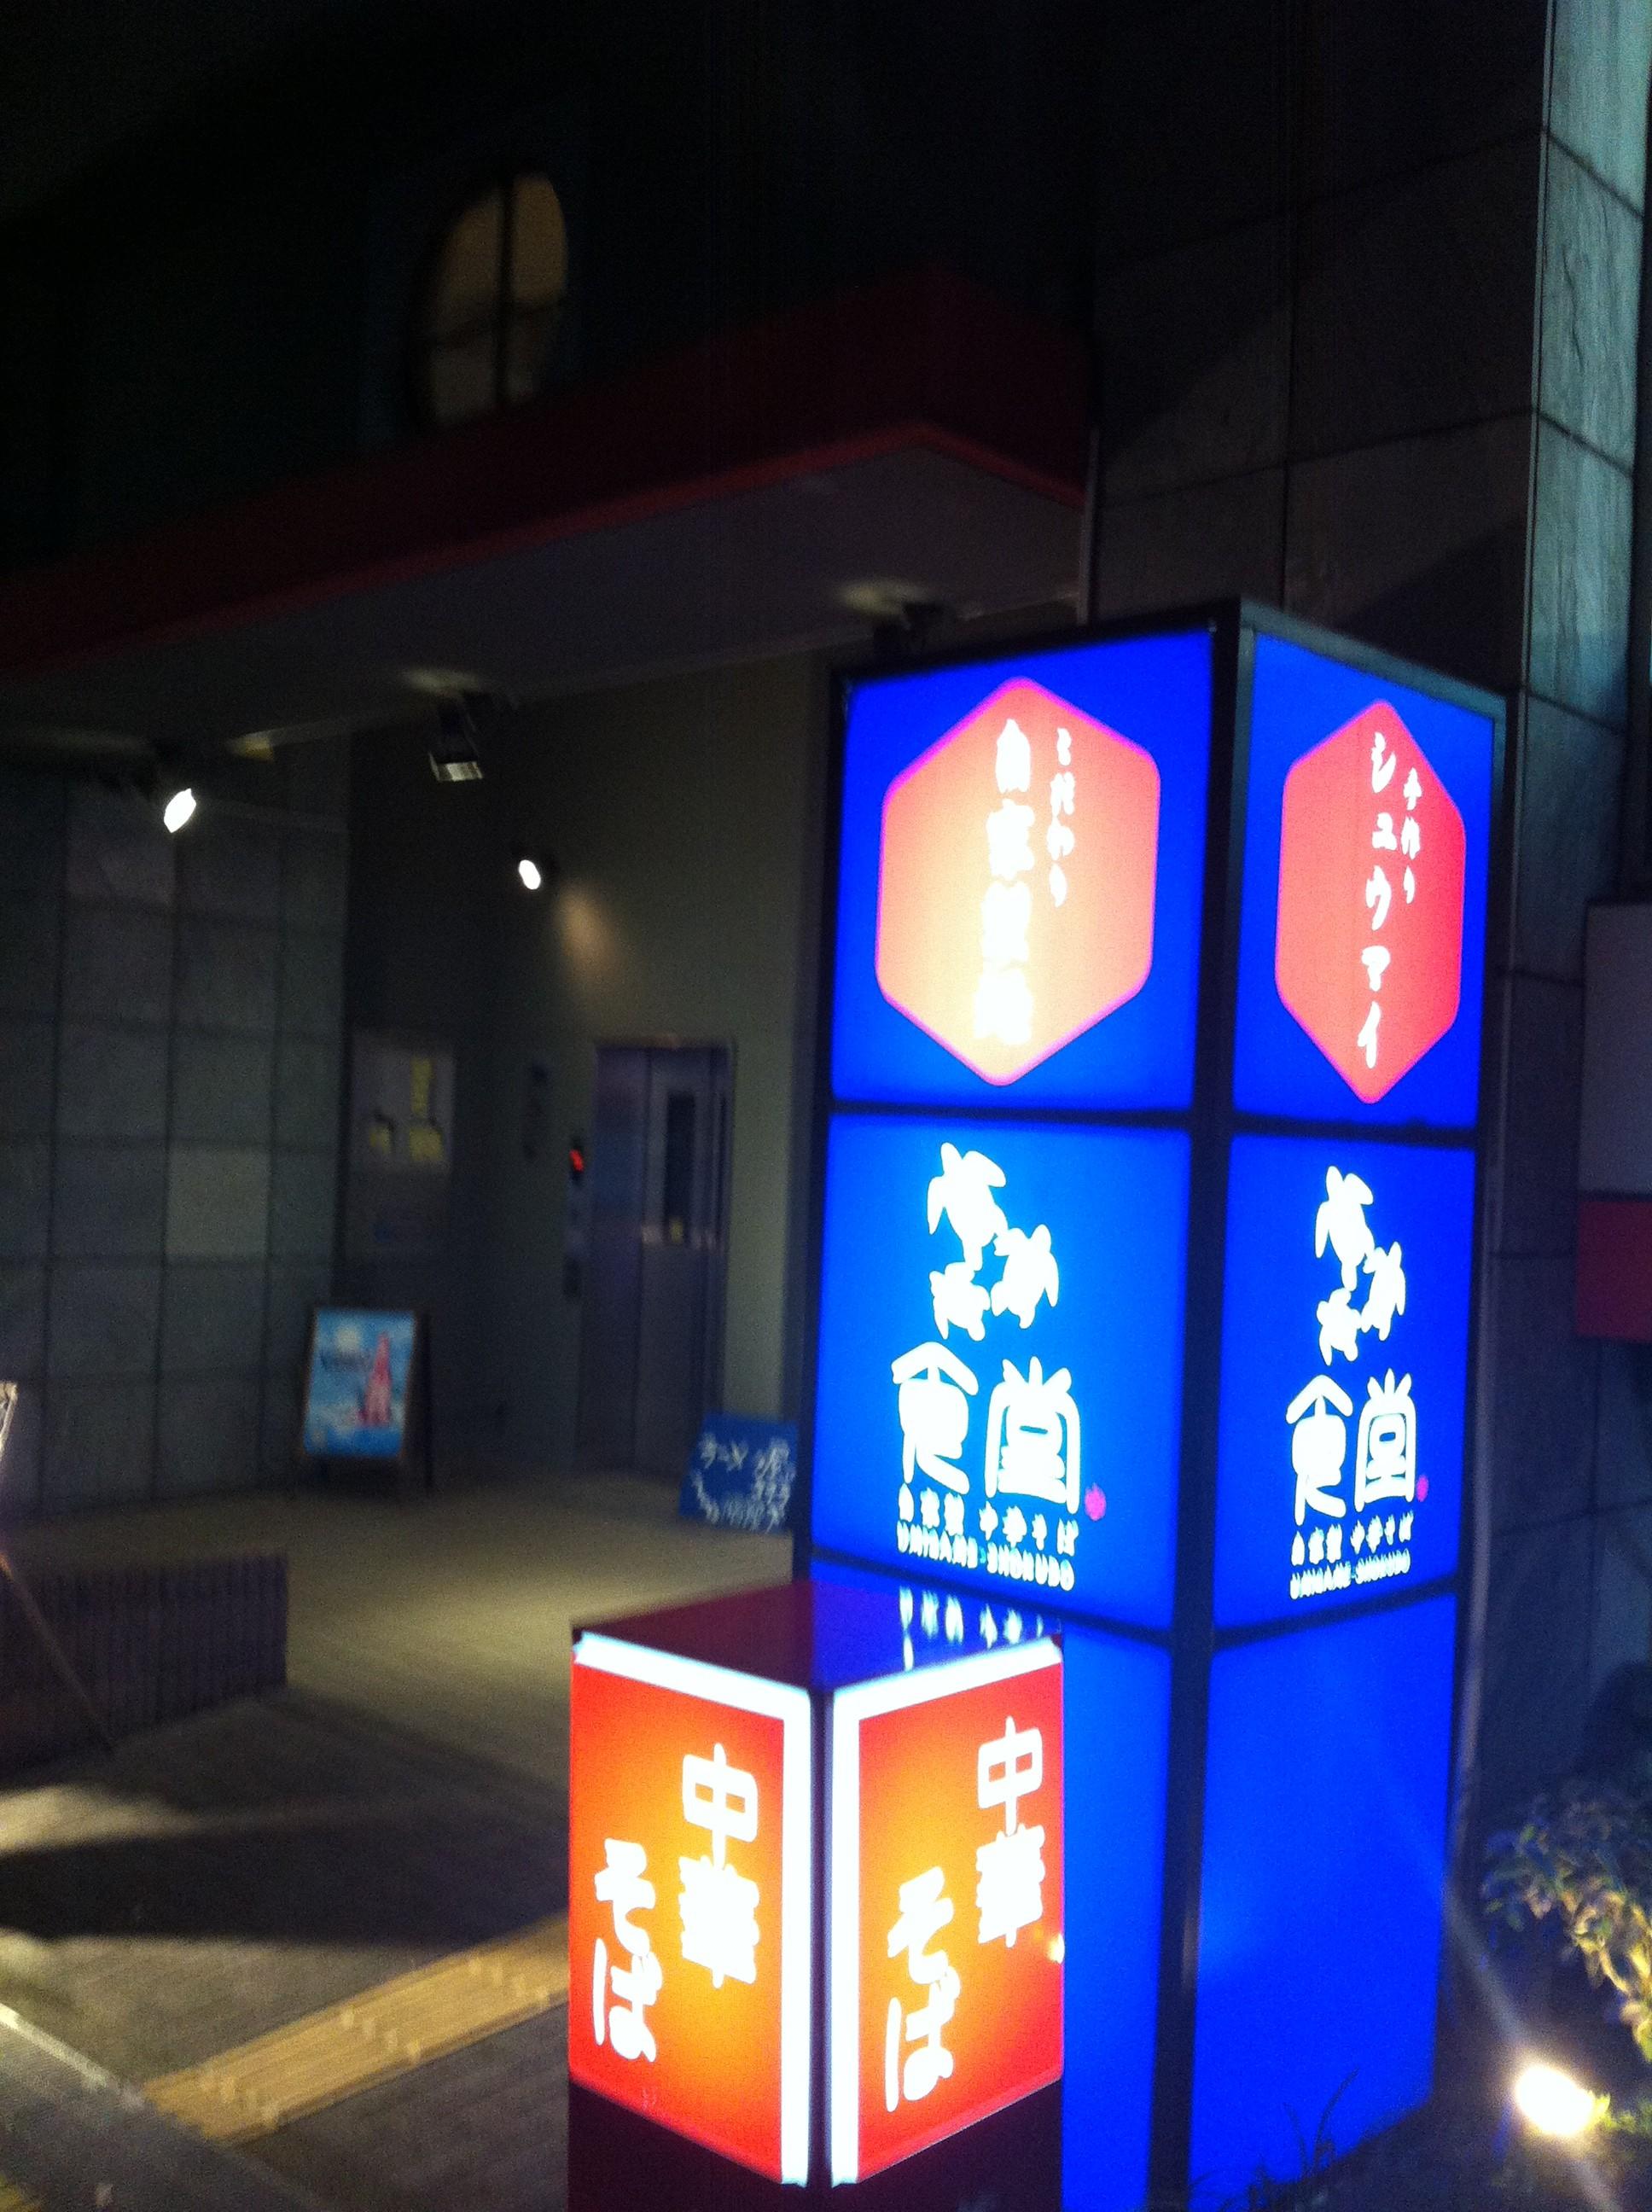 ウミガメ食堂の外観(外の青色の看板)画像